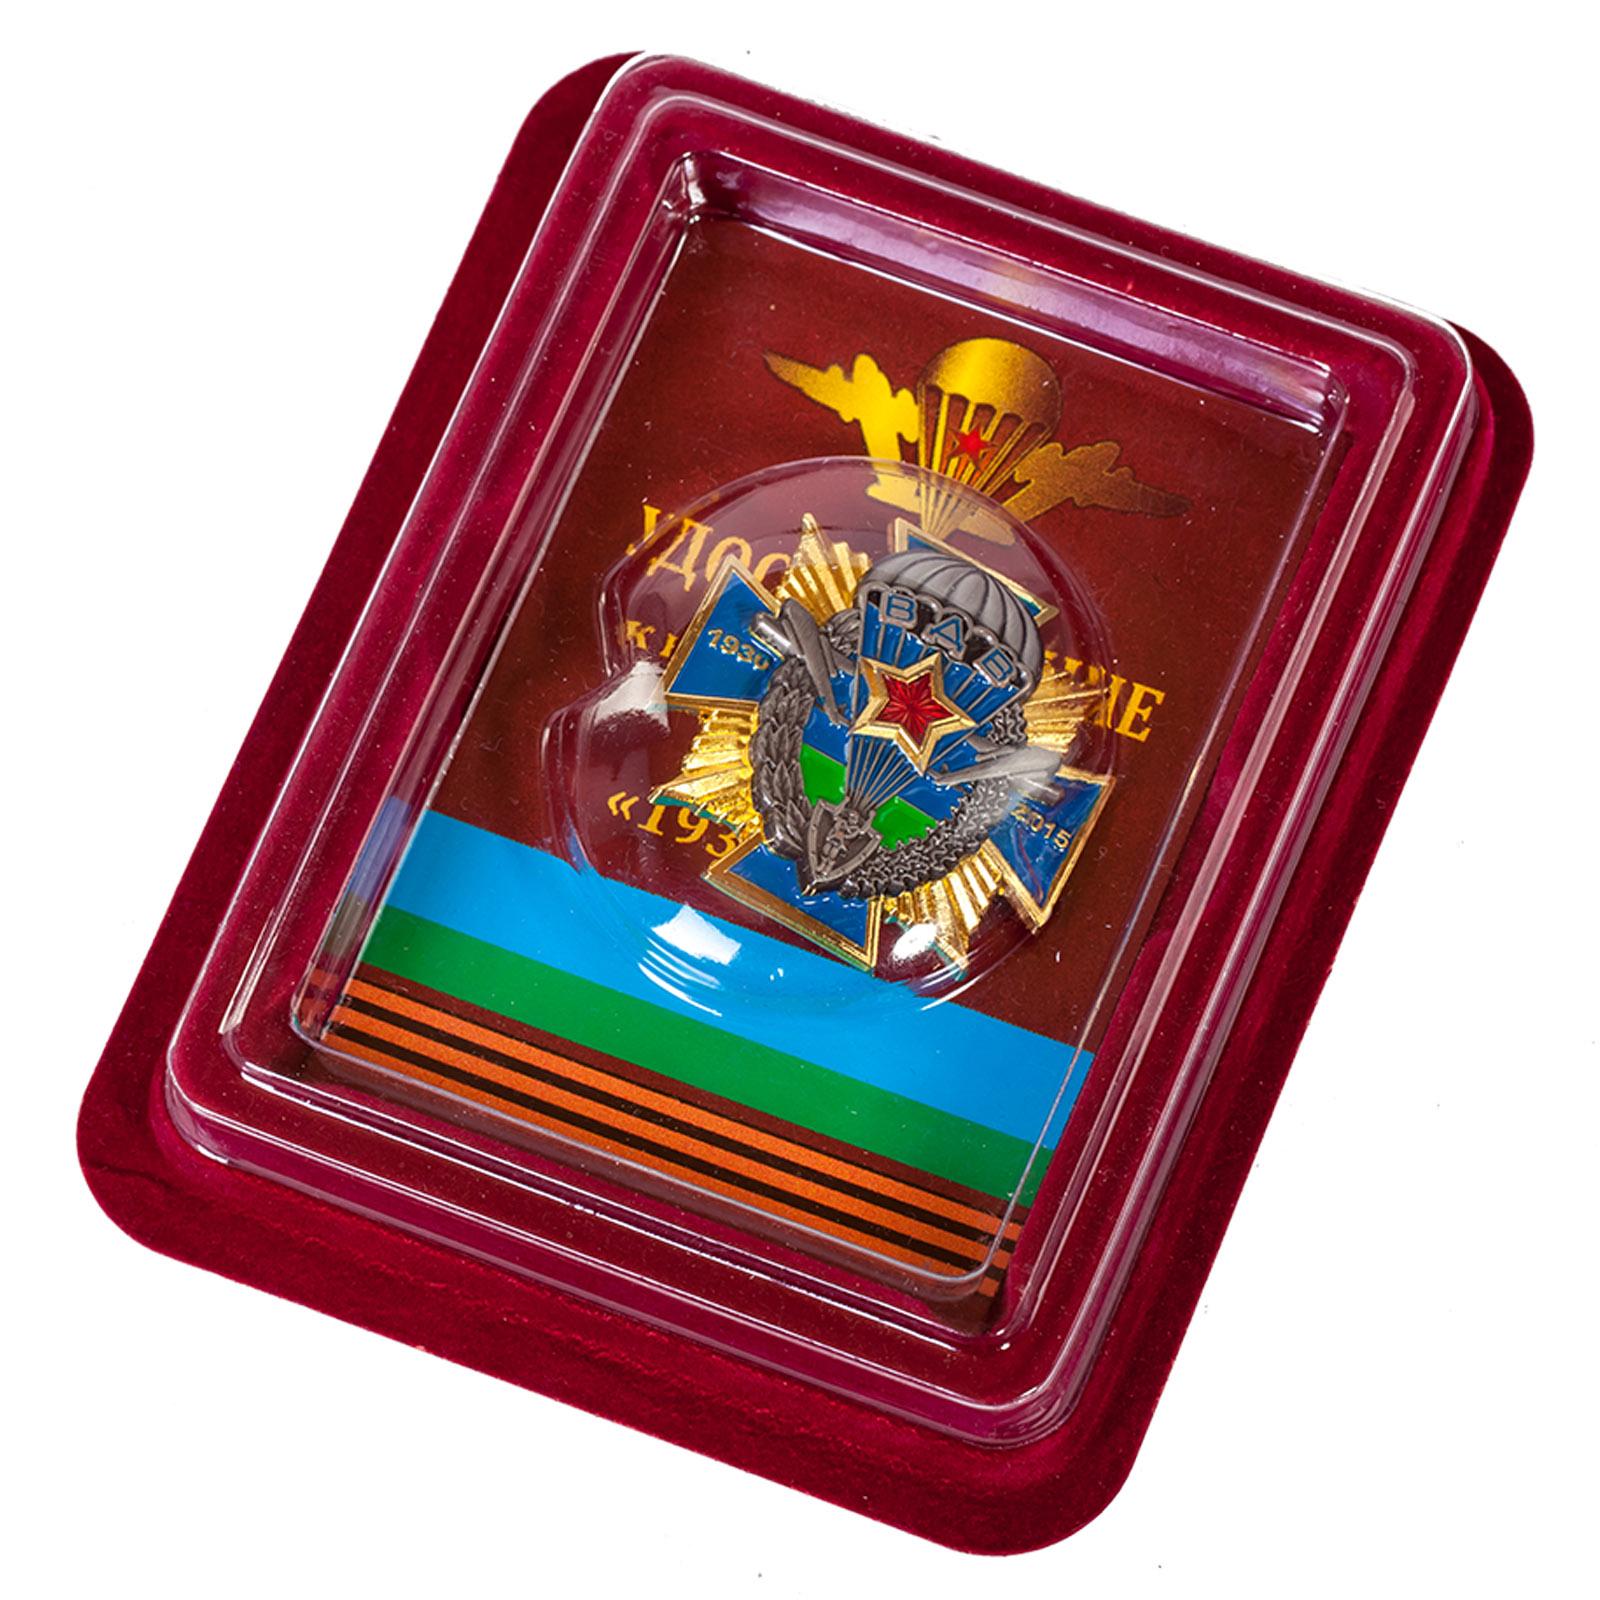 """Нагрудный крест ВДВ """"1930 - 2015"""" в бархатистом футляре бордового цвета"""